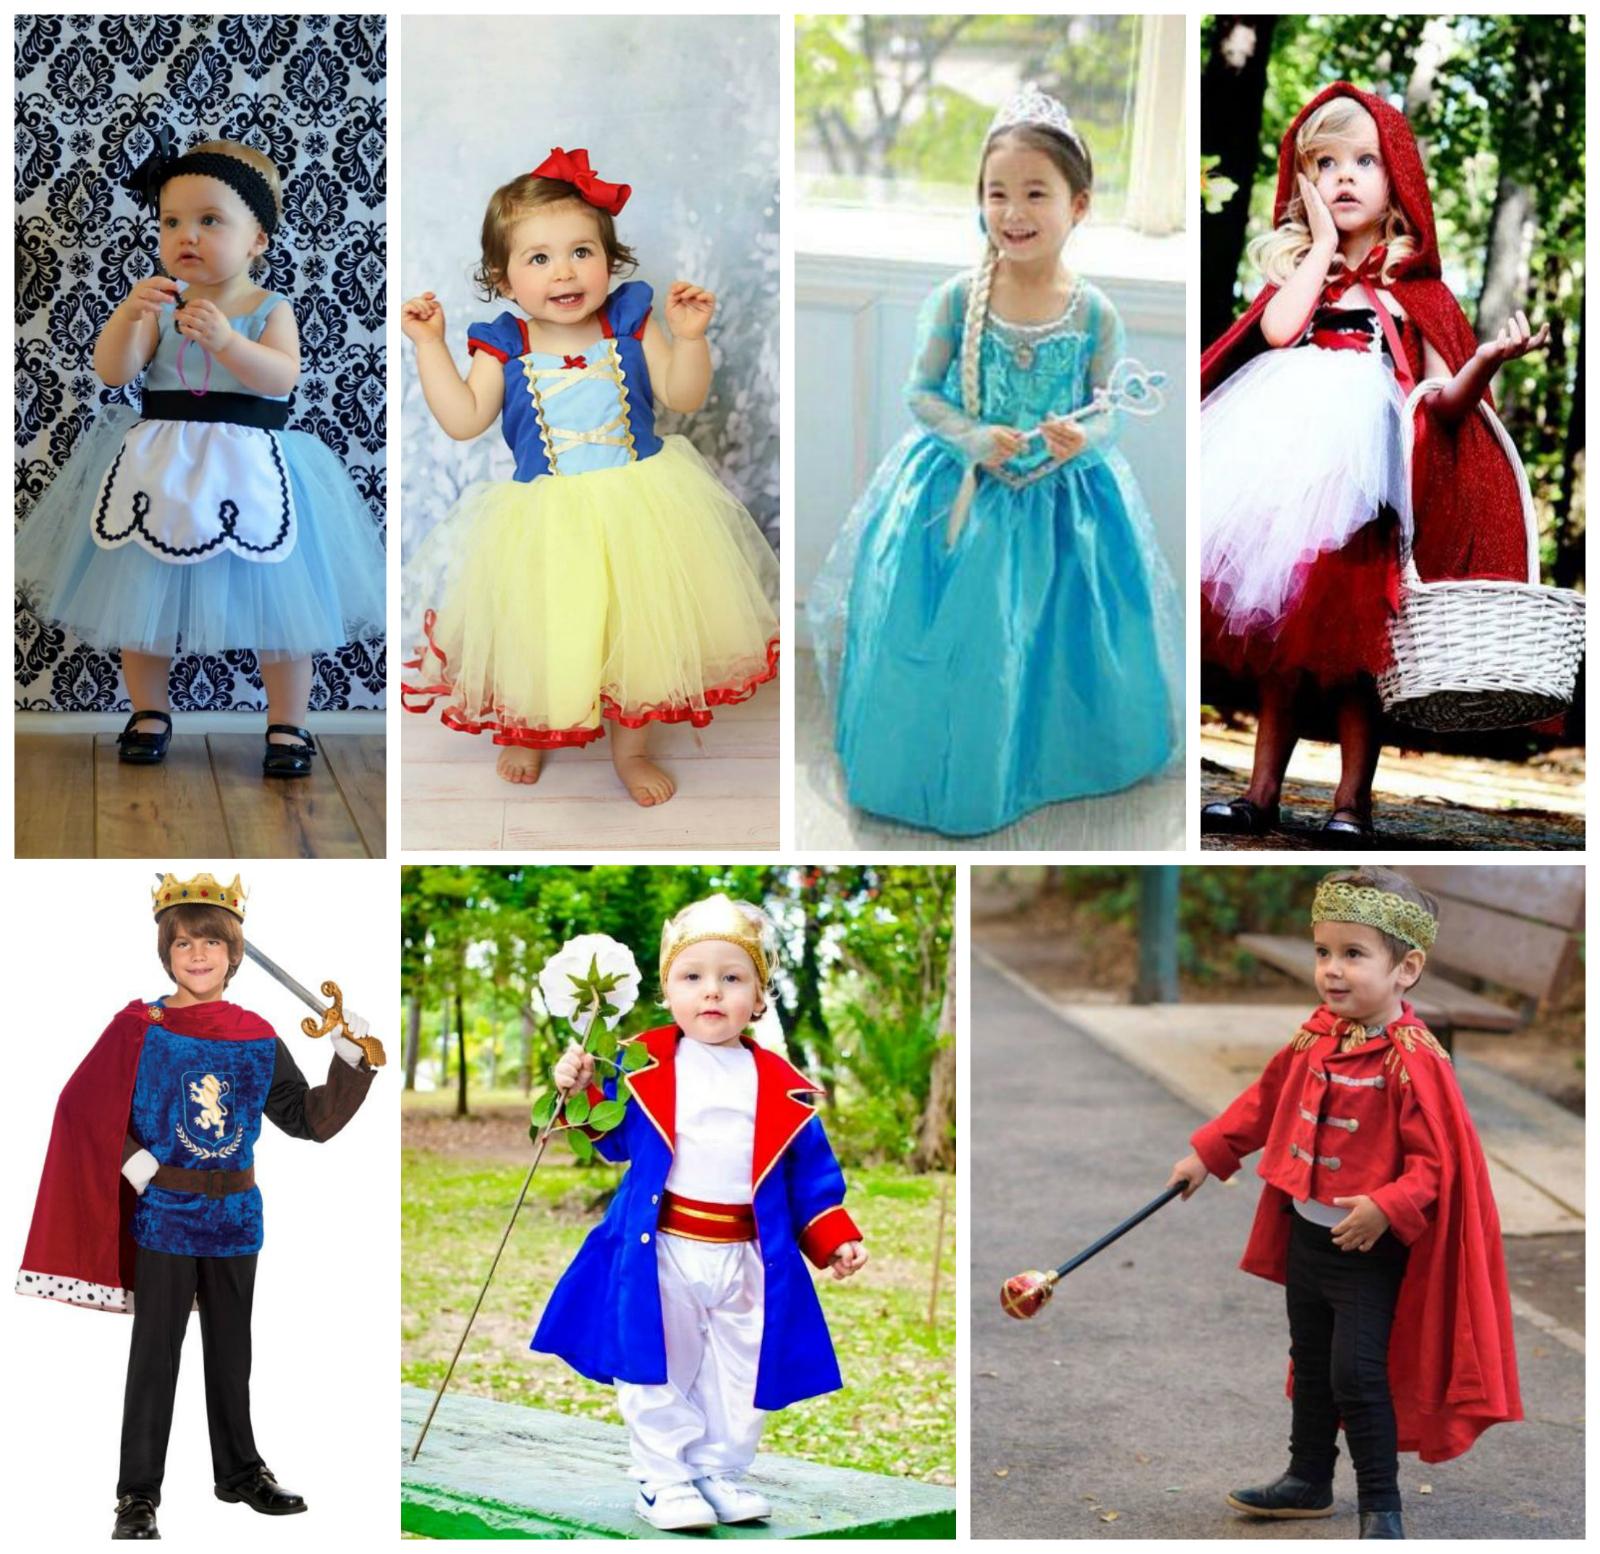 Fantasias de carnaval infantil de príncipes e princesas